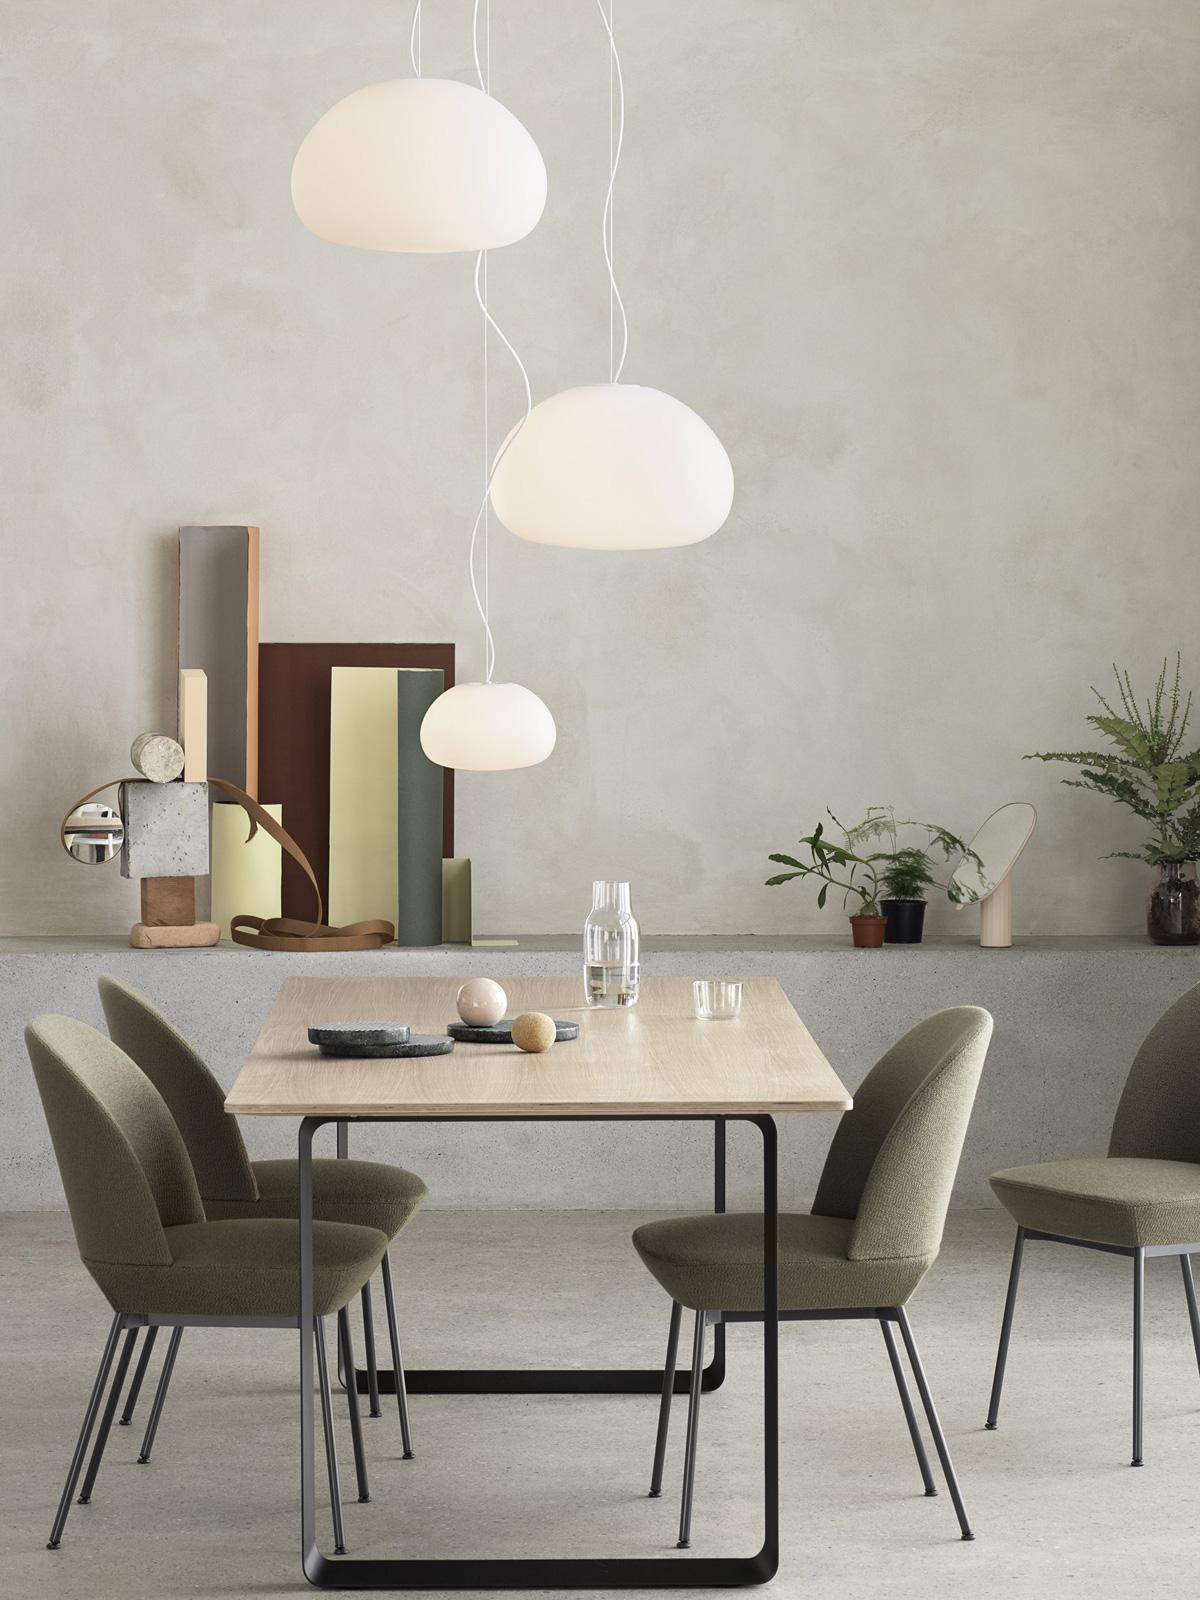 DesignOrt Blog: Dänische Designerleuchten Glasleuchte Fluid von Muuto